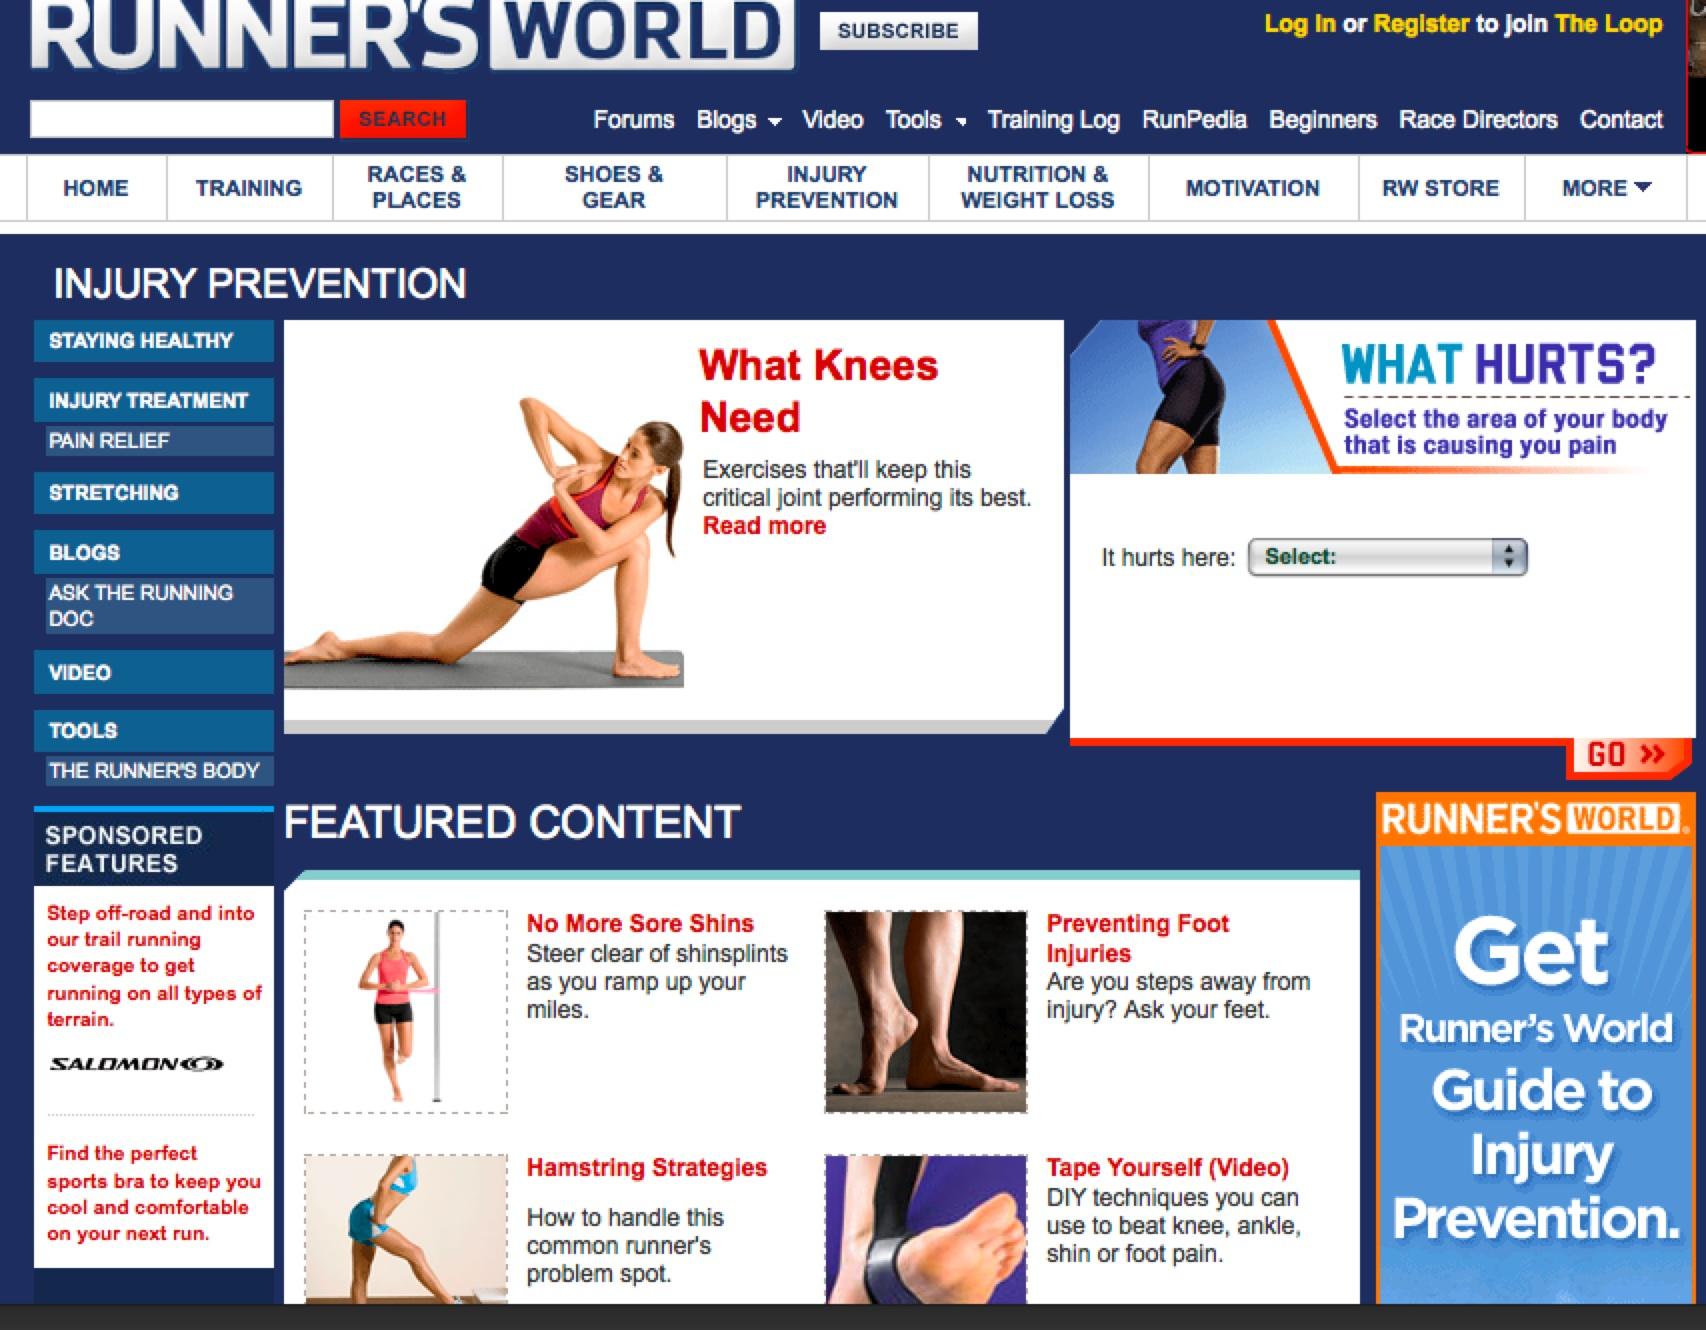 Runner's World Injury Prevention